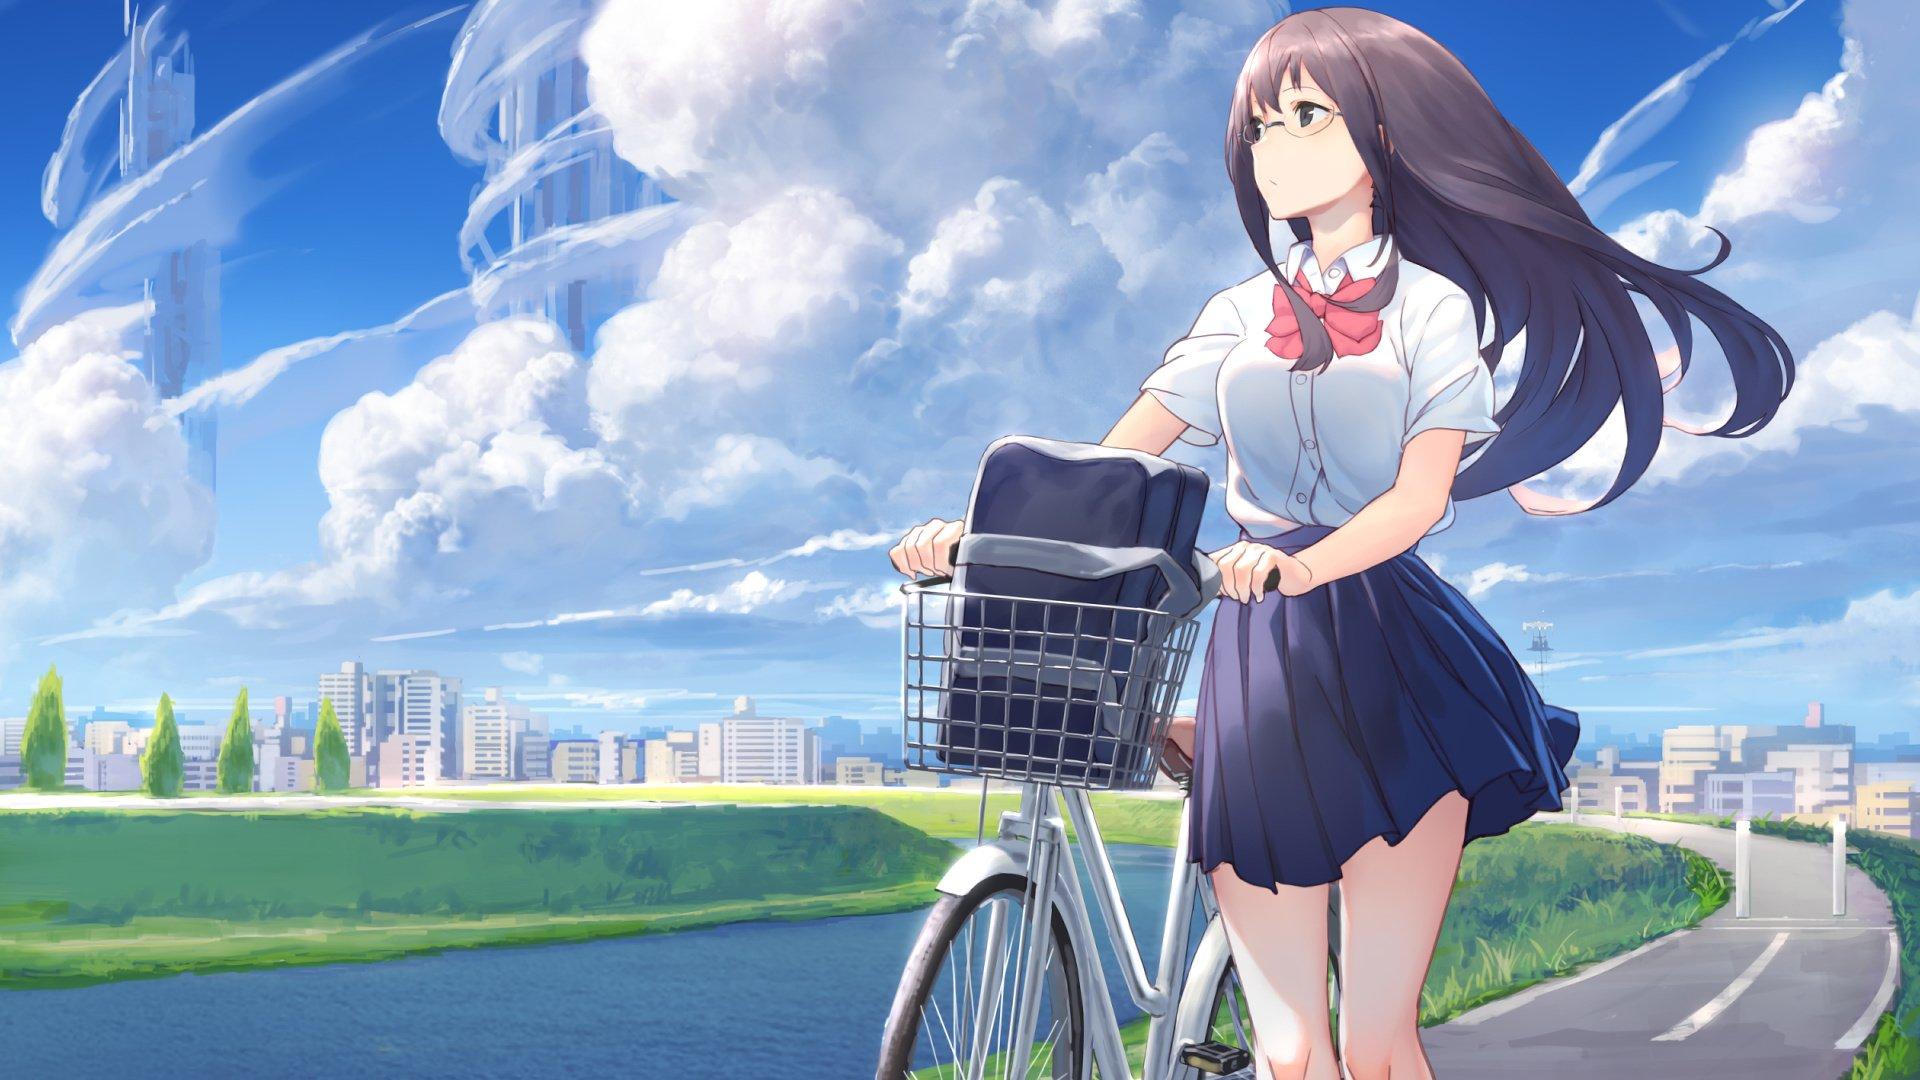 蓝天 白云 骑单车的 短裙 女孩唯美动漫壁纸,高清电脑桌面壁纸